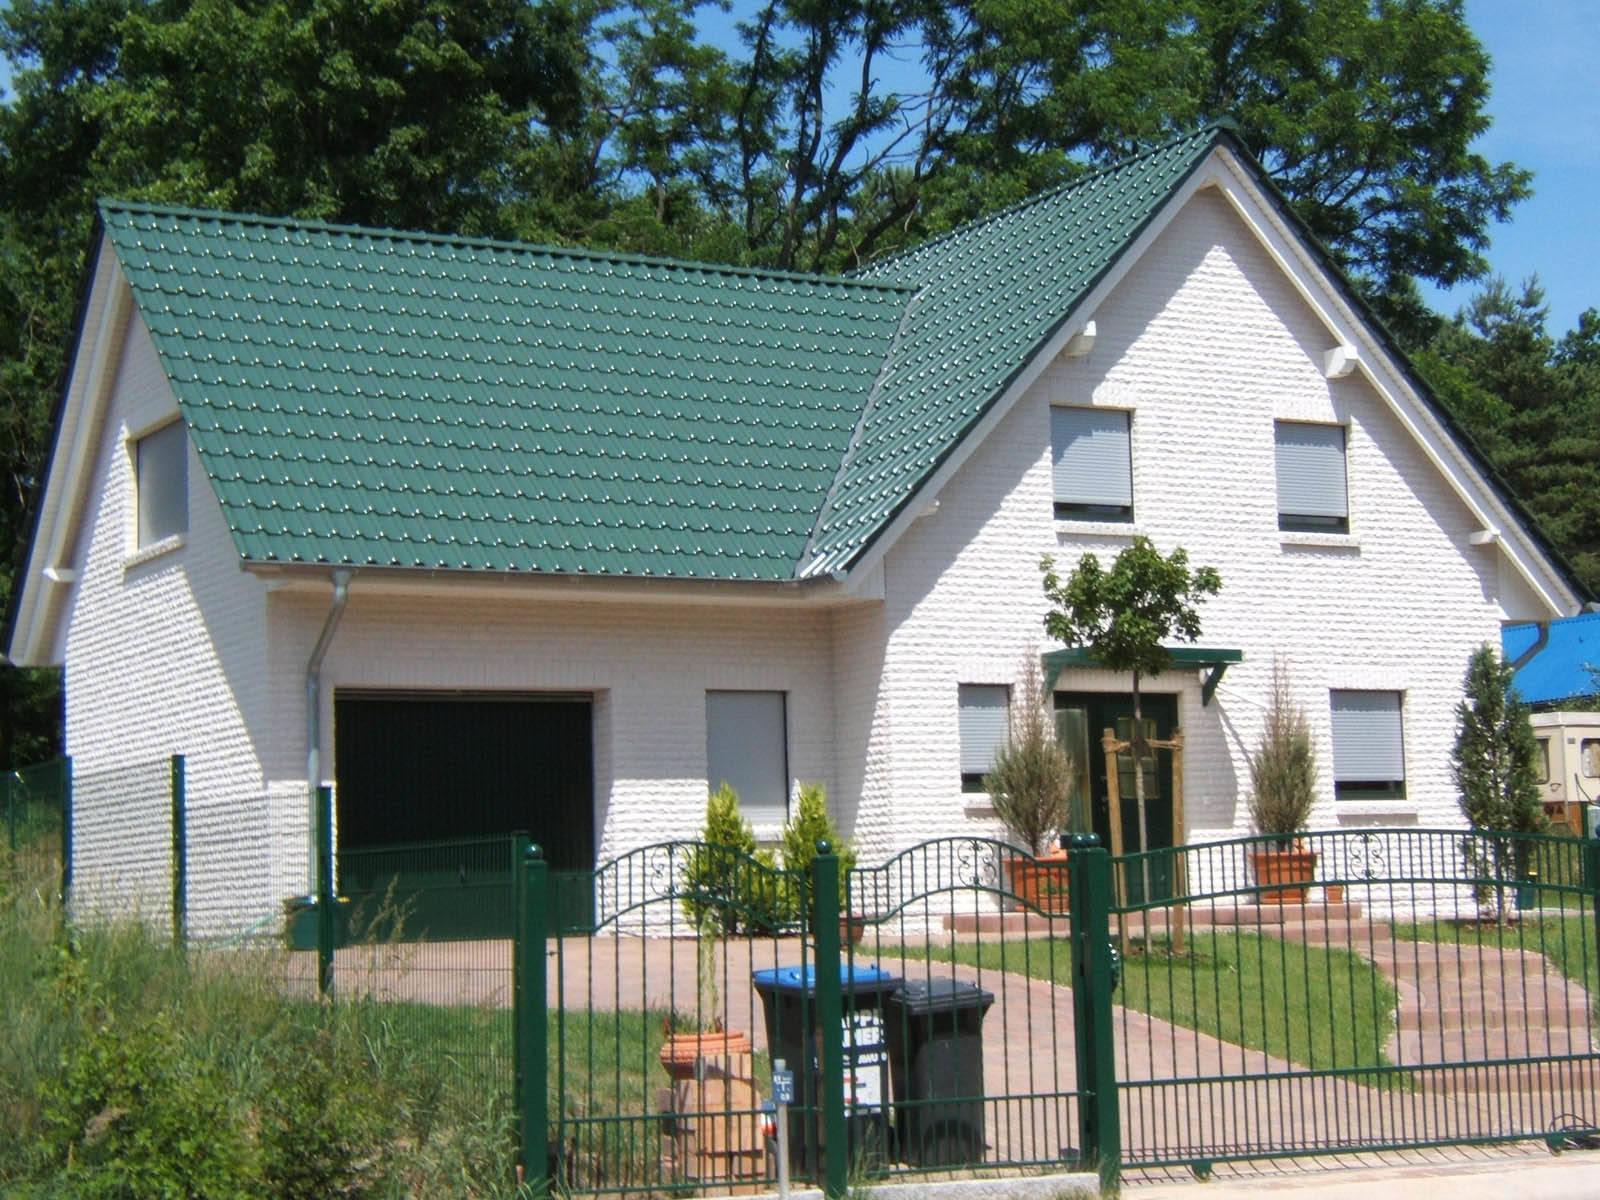 Hausbaufirmen Braunschweig harzhaus 100 domoplan massivhaus